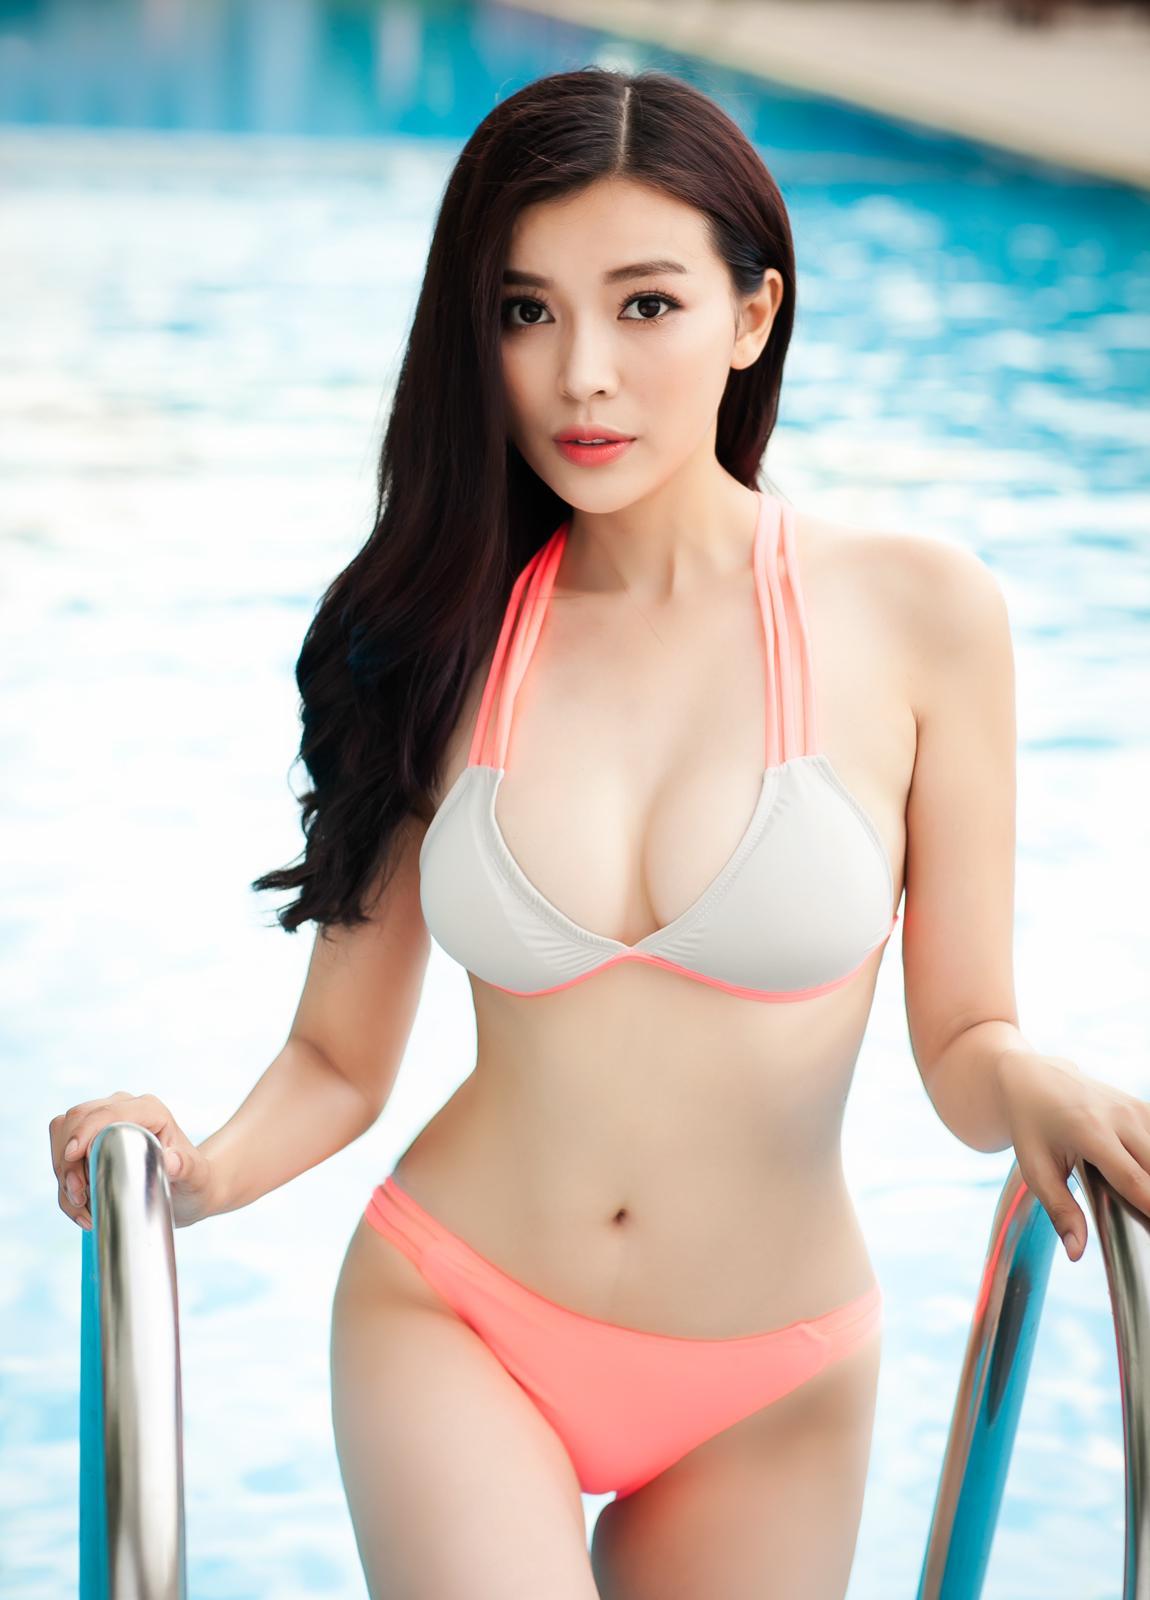 naked Bikini Tram-Anh Tran (63 foto) Topless, Twitter, butt